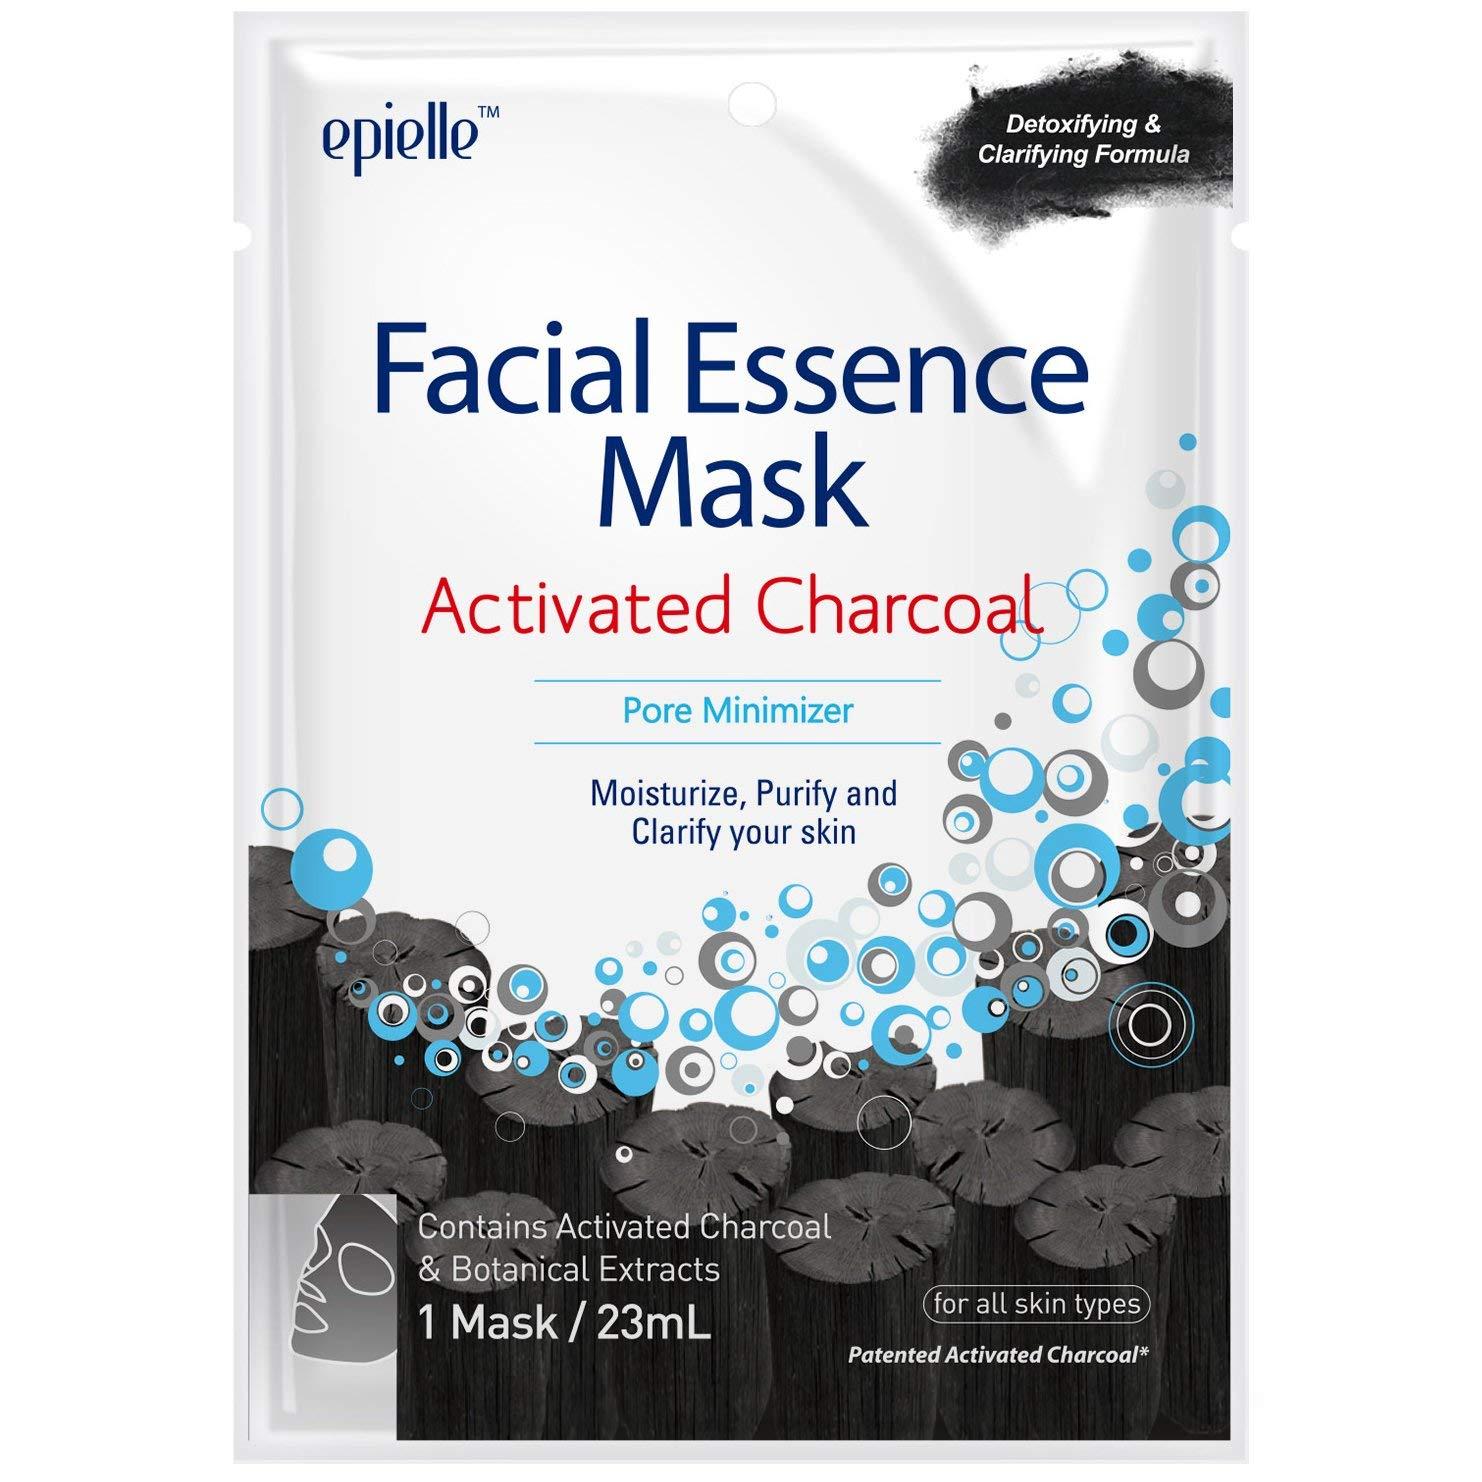 df692d2636 Amazon.com   Epielle Facial Essence Mask Activated Charcoal Pore Minimizer (2  Pack)   Beauty